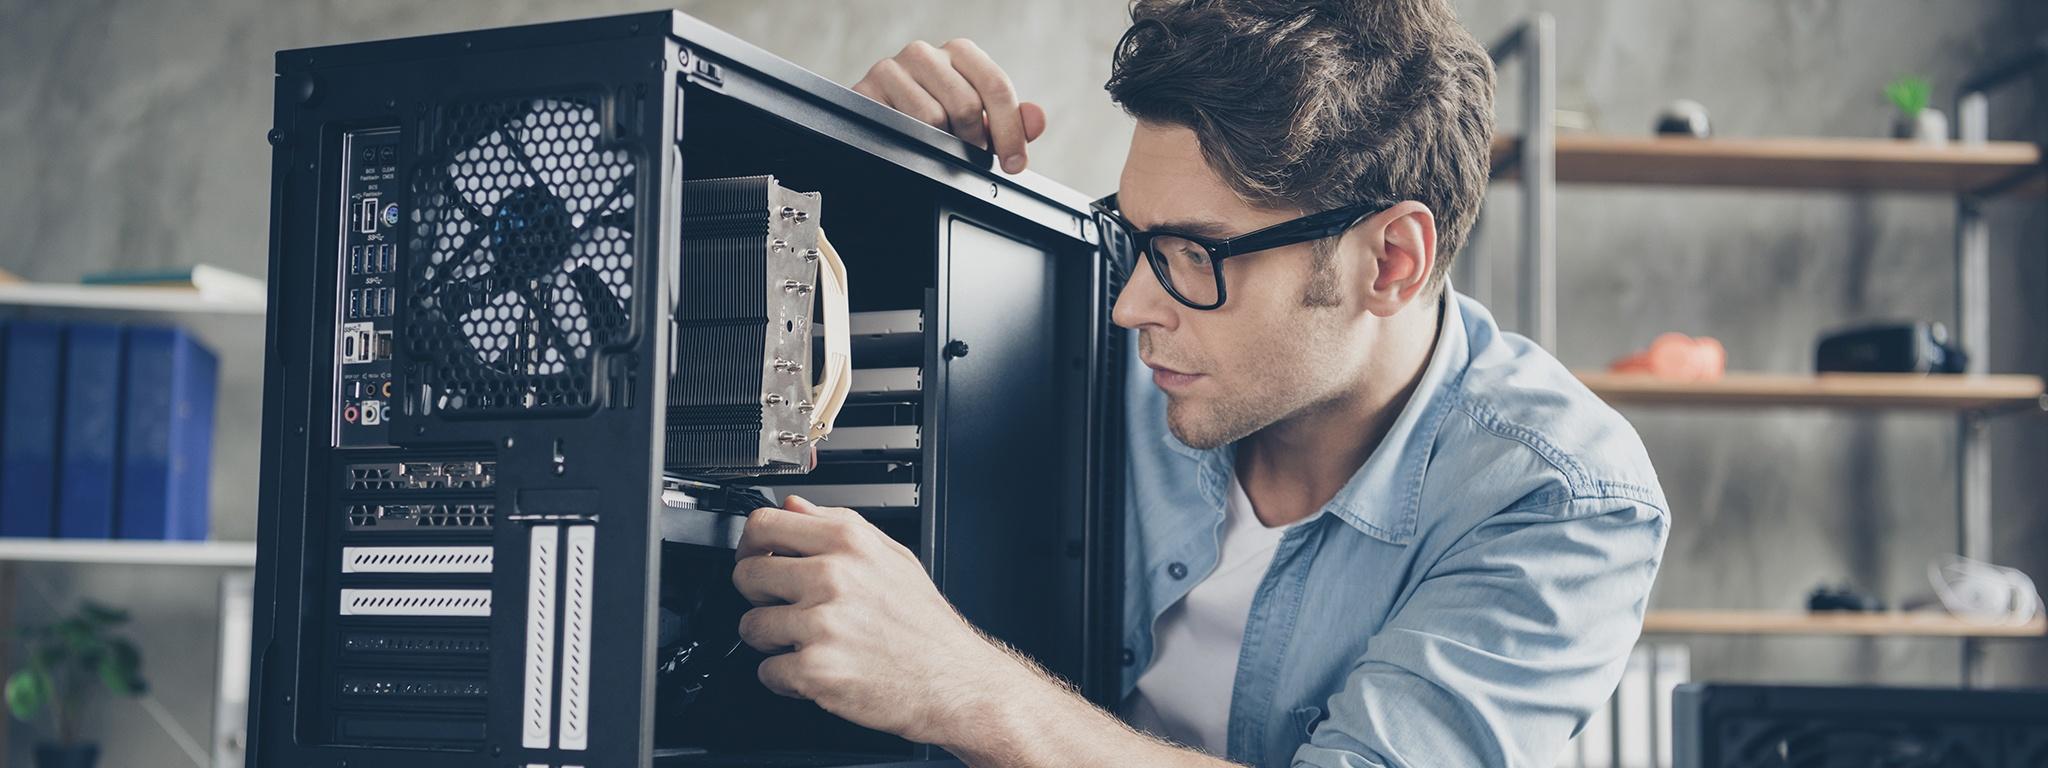 Ảnh chụp cận cảnh một người đàn ông đang nâng cấp phần cứng cho máy tính để bàn của mình tại nhà